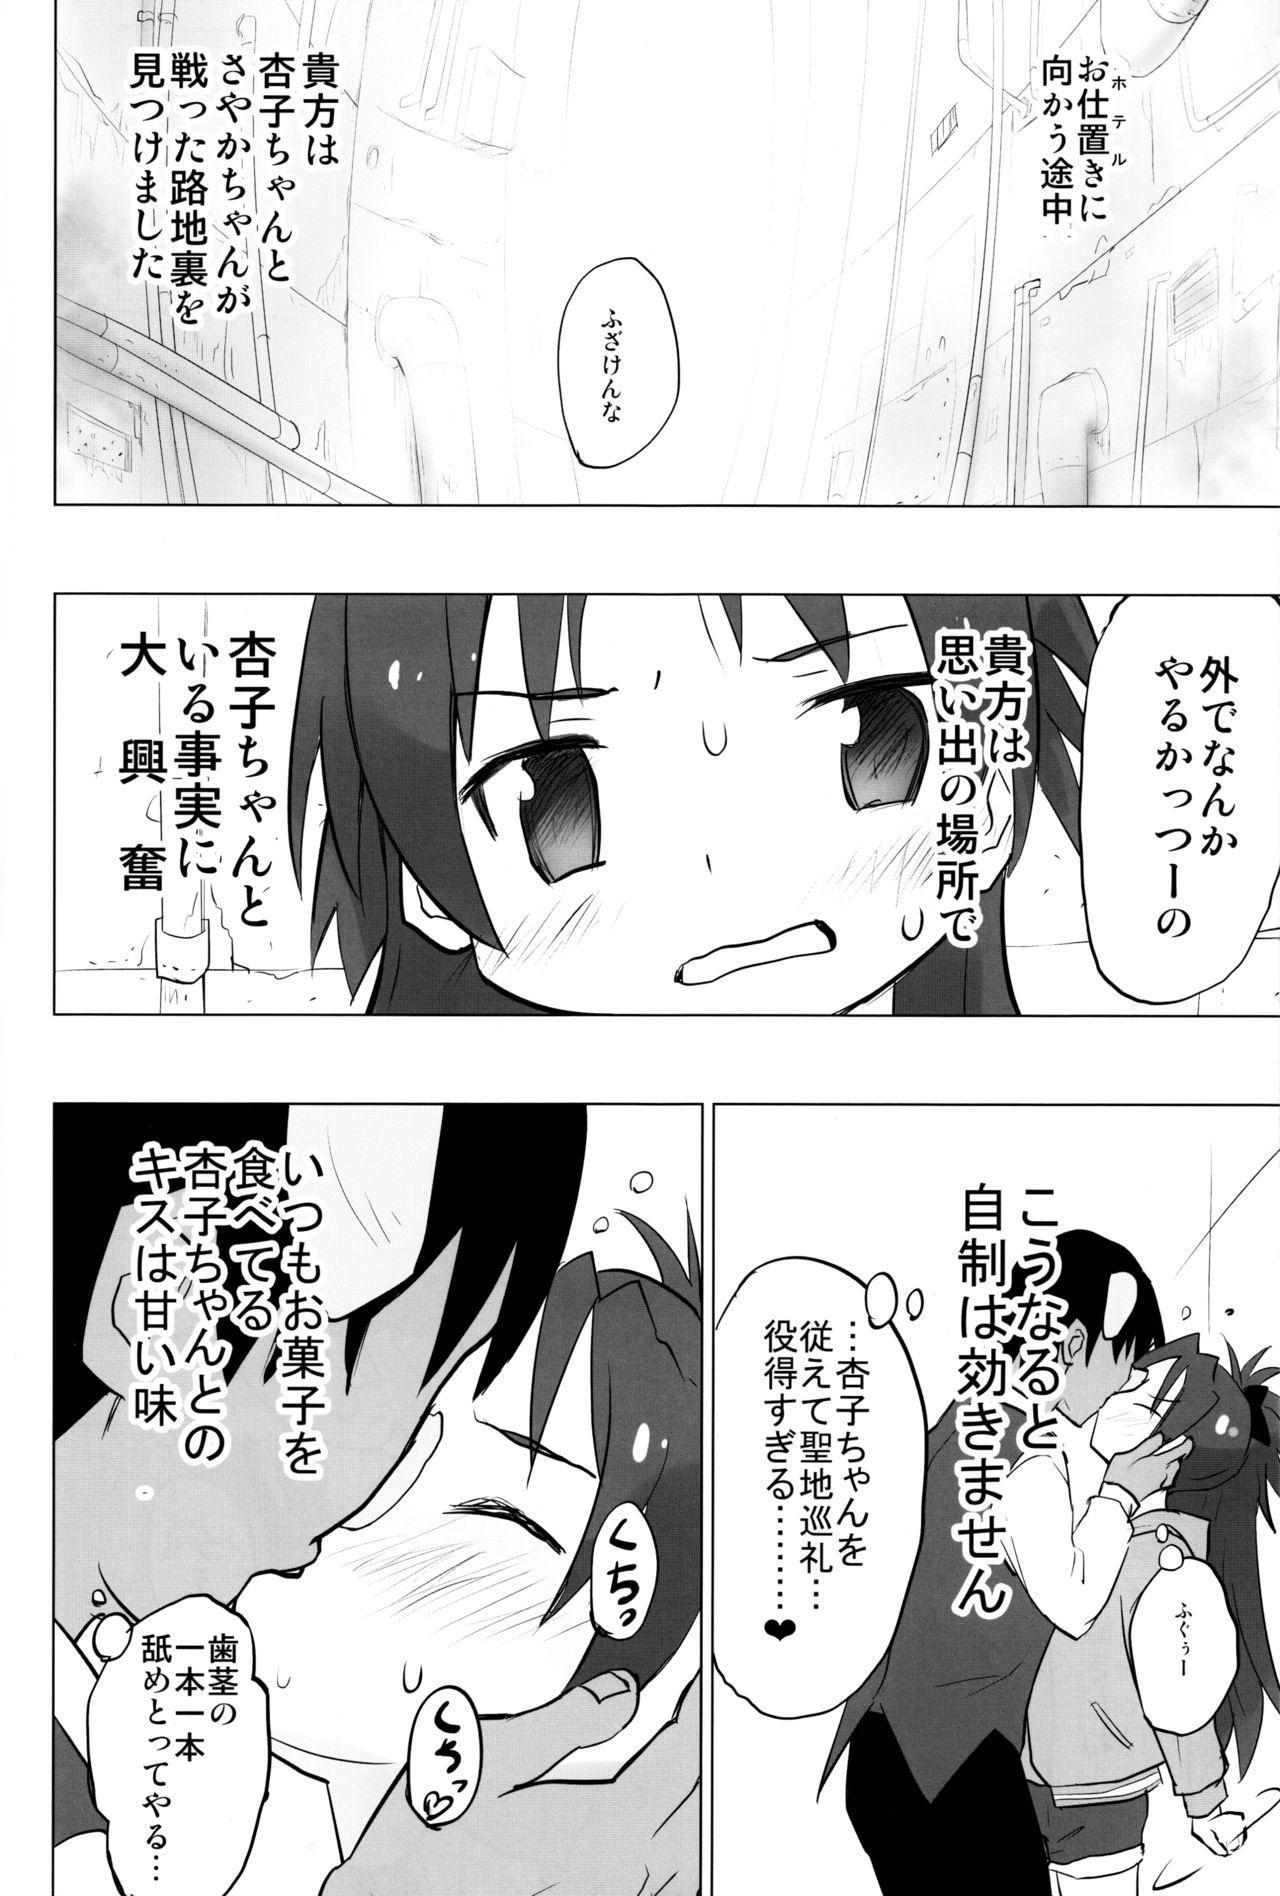 MadoOn no Sekai dato Ossan wa Mahou Shoujo de Sunao na Kyouko-chan o Tsuremawashite Zaiakukan Bokki 2